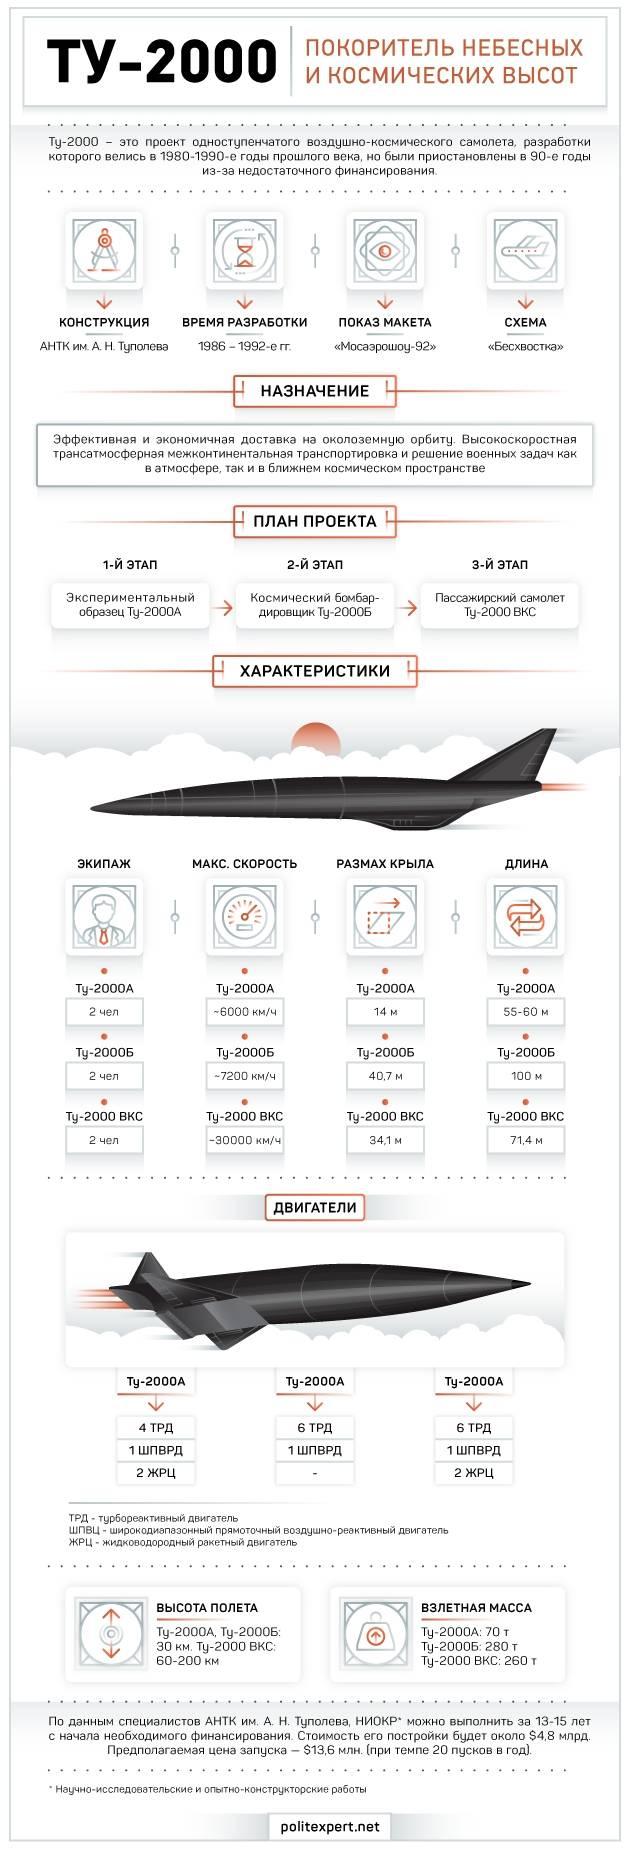 Hava sahası uçakları Tu-2000. İnfografikler